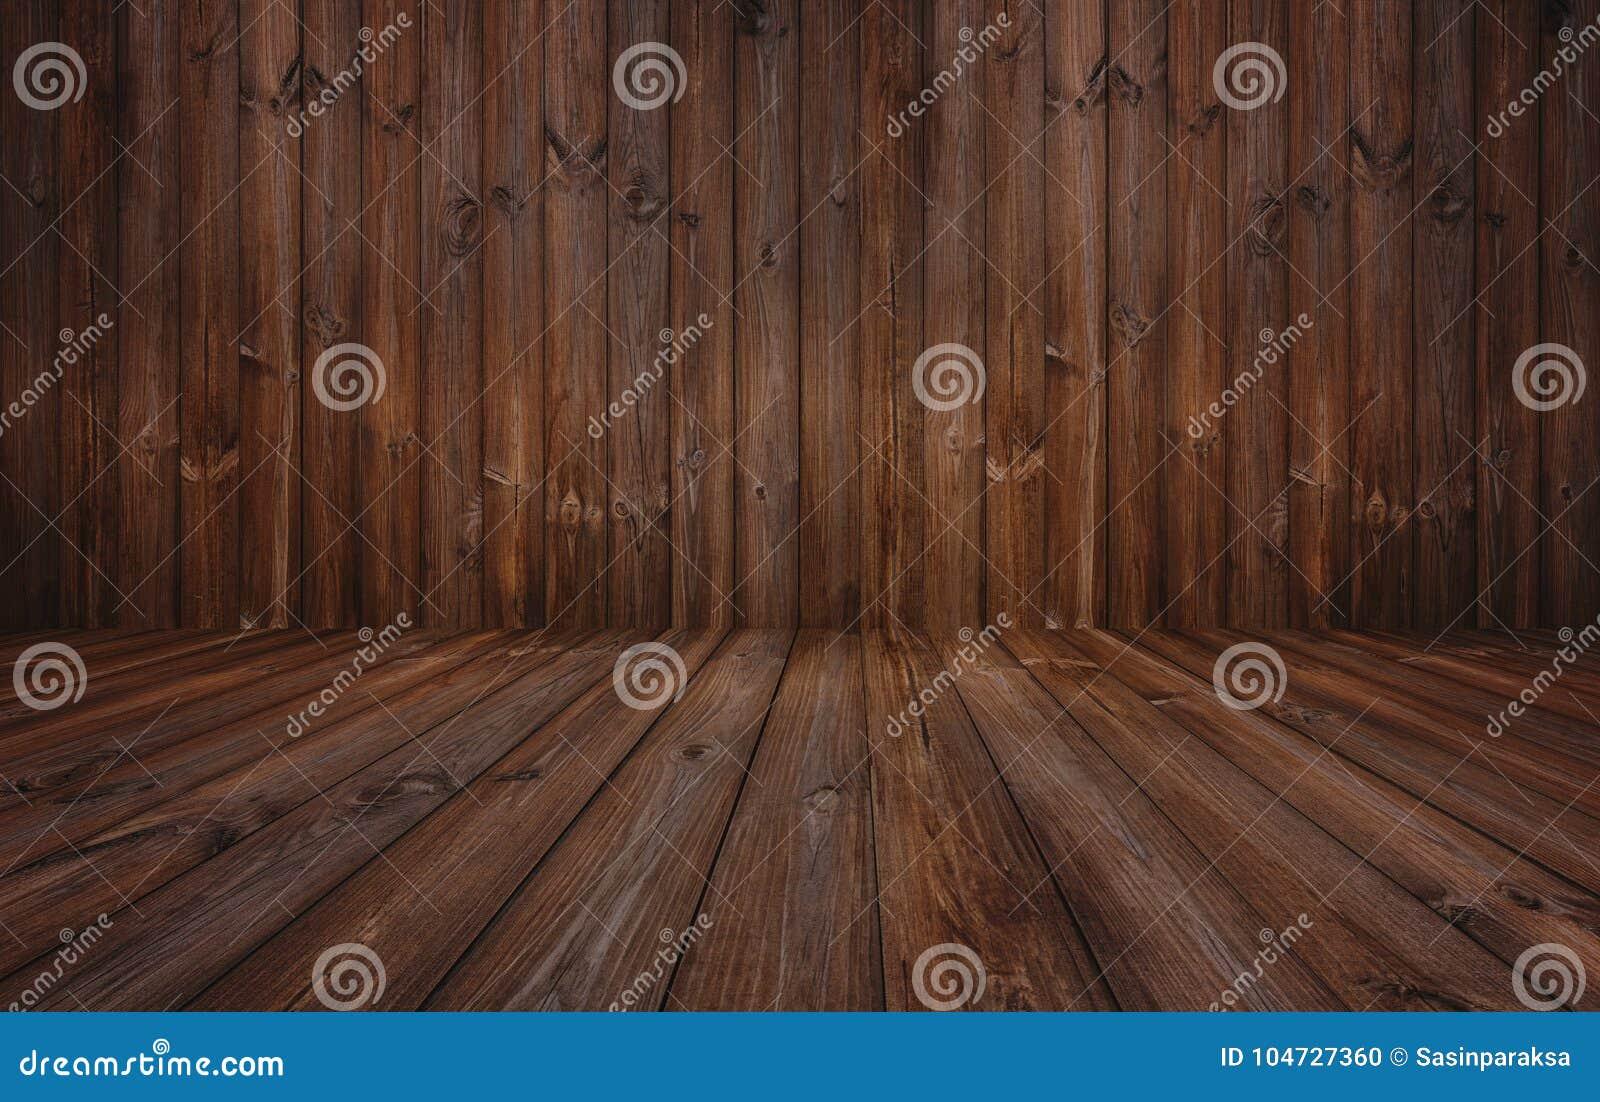 Fundo de madeira escuro da textura, parede de madeira e assoalho